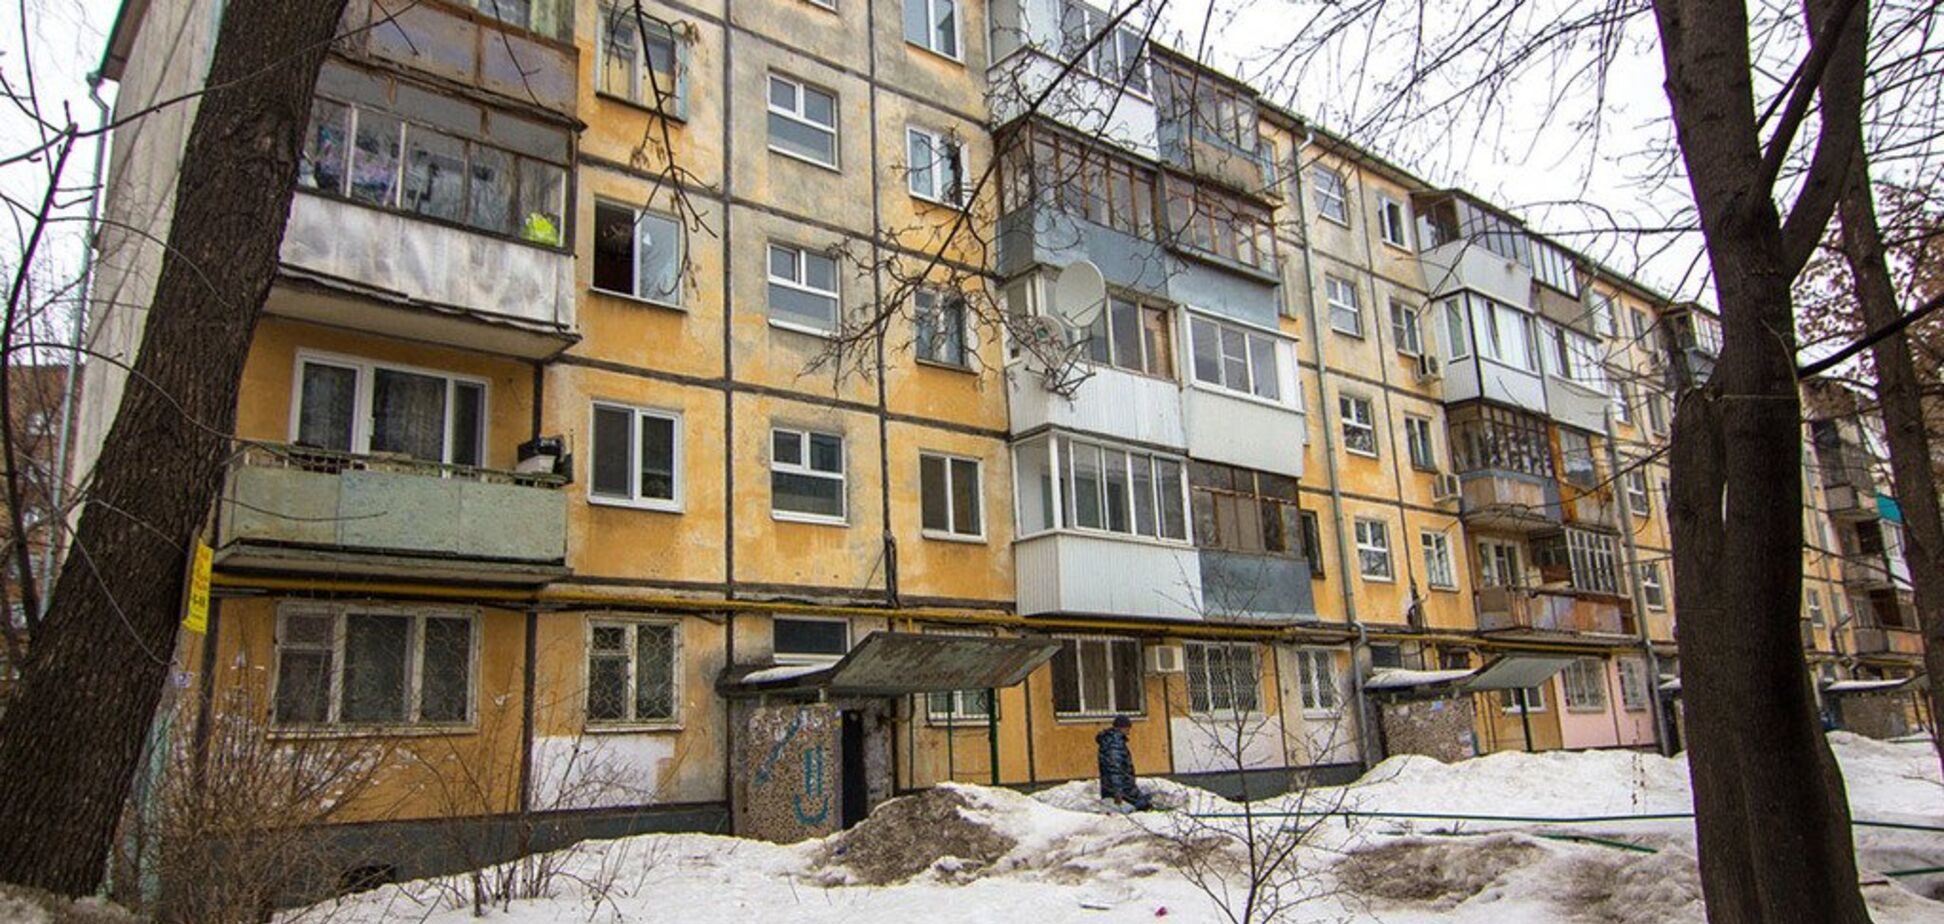 Реконструкция 'хрущевок' в Украине: почему не решают проблему